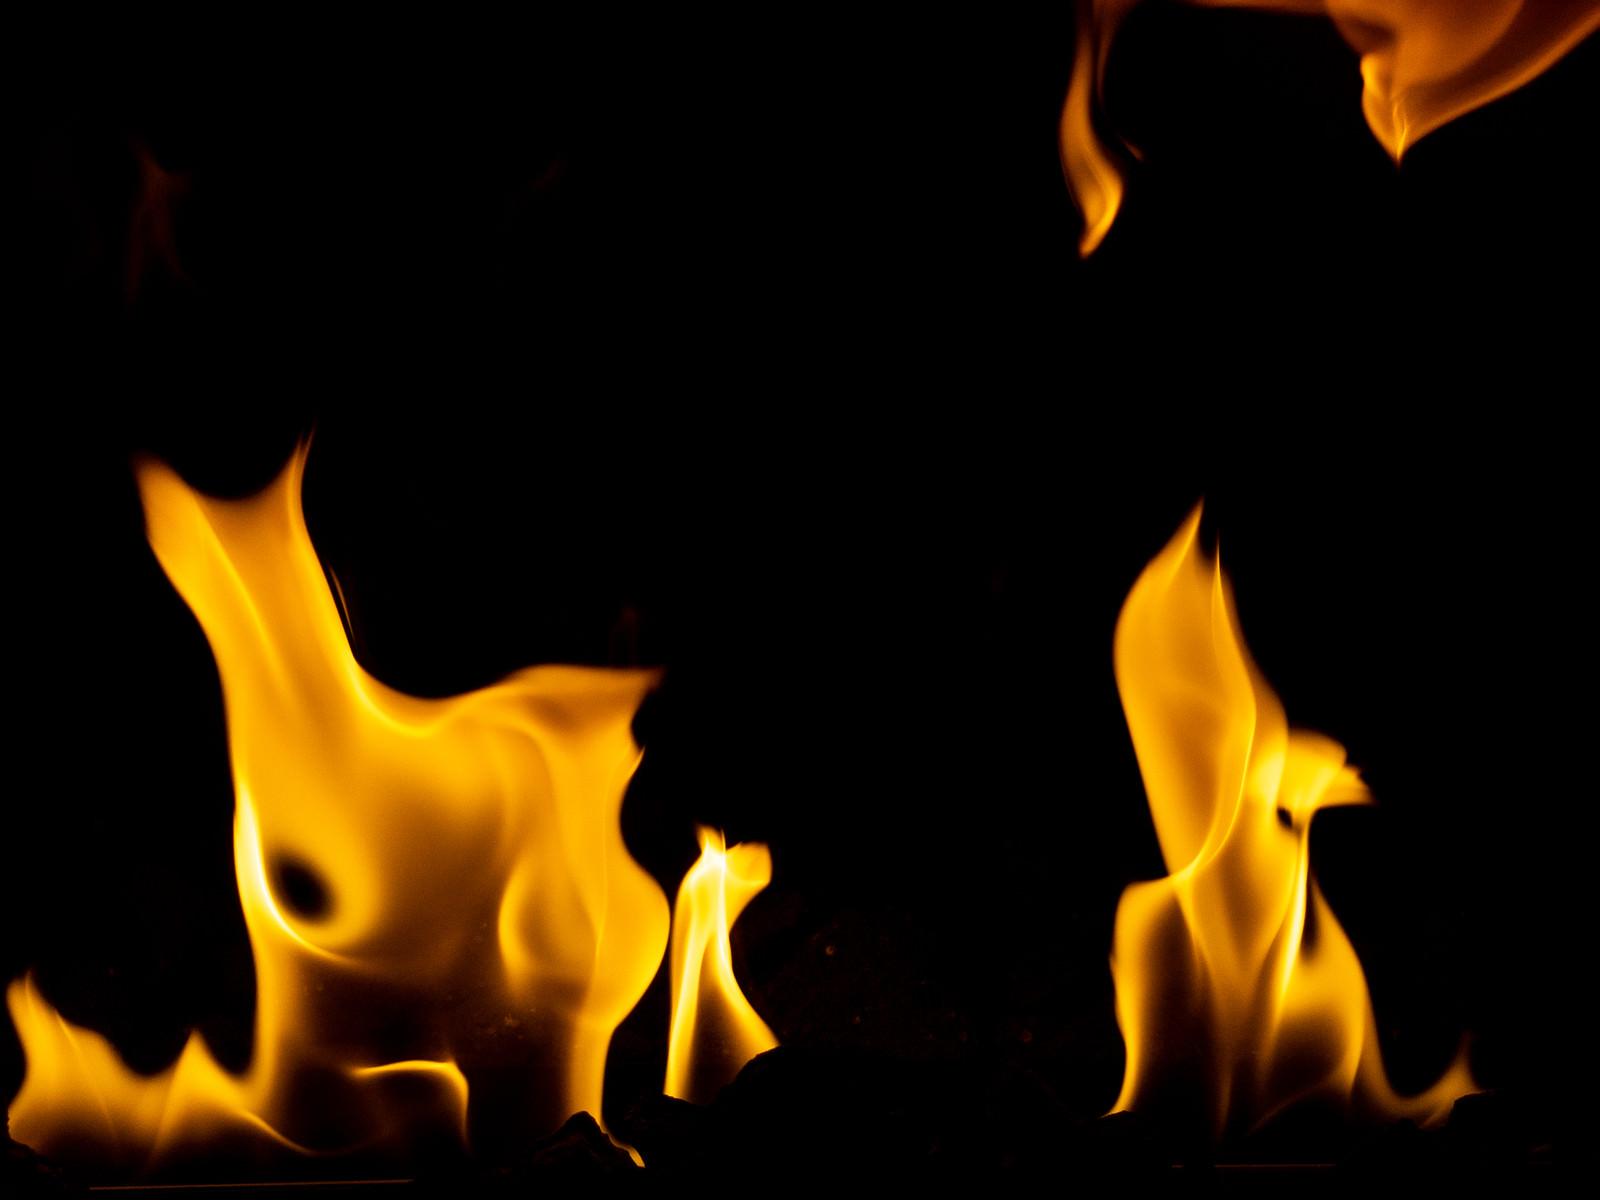 「暖炉の炎の様子」の写真